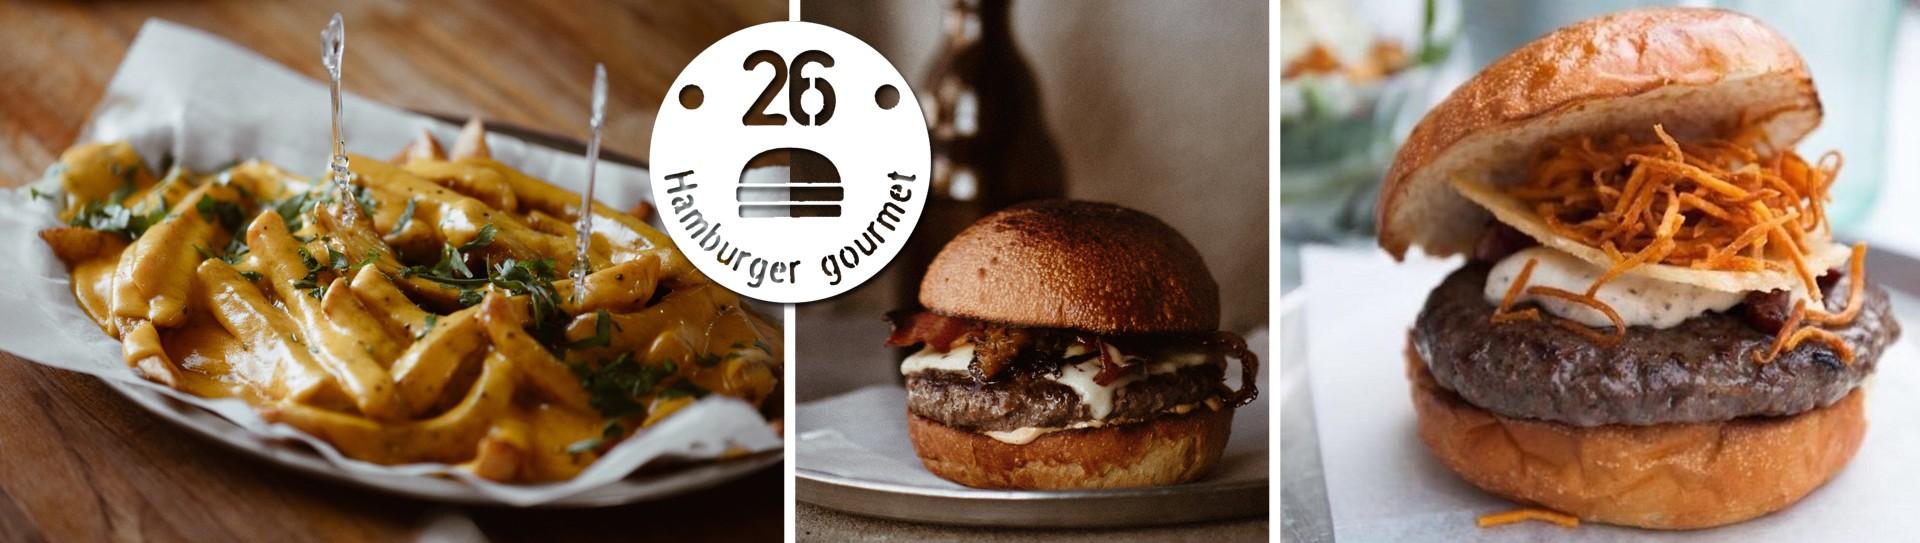 המבורגר גורמה 26 - באנר עליון